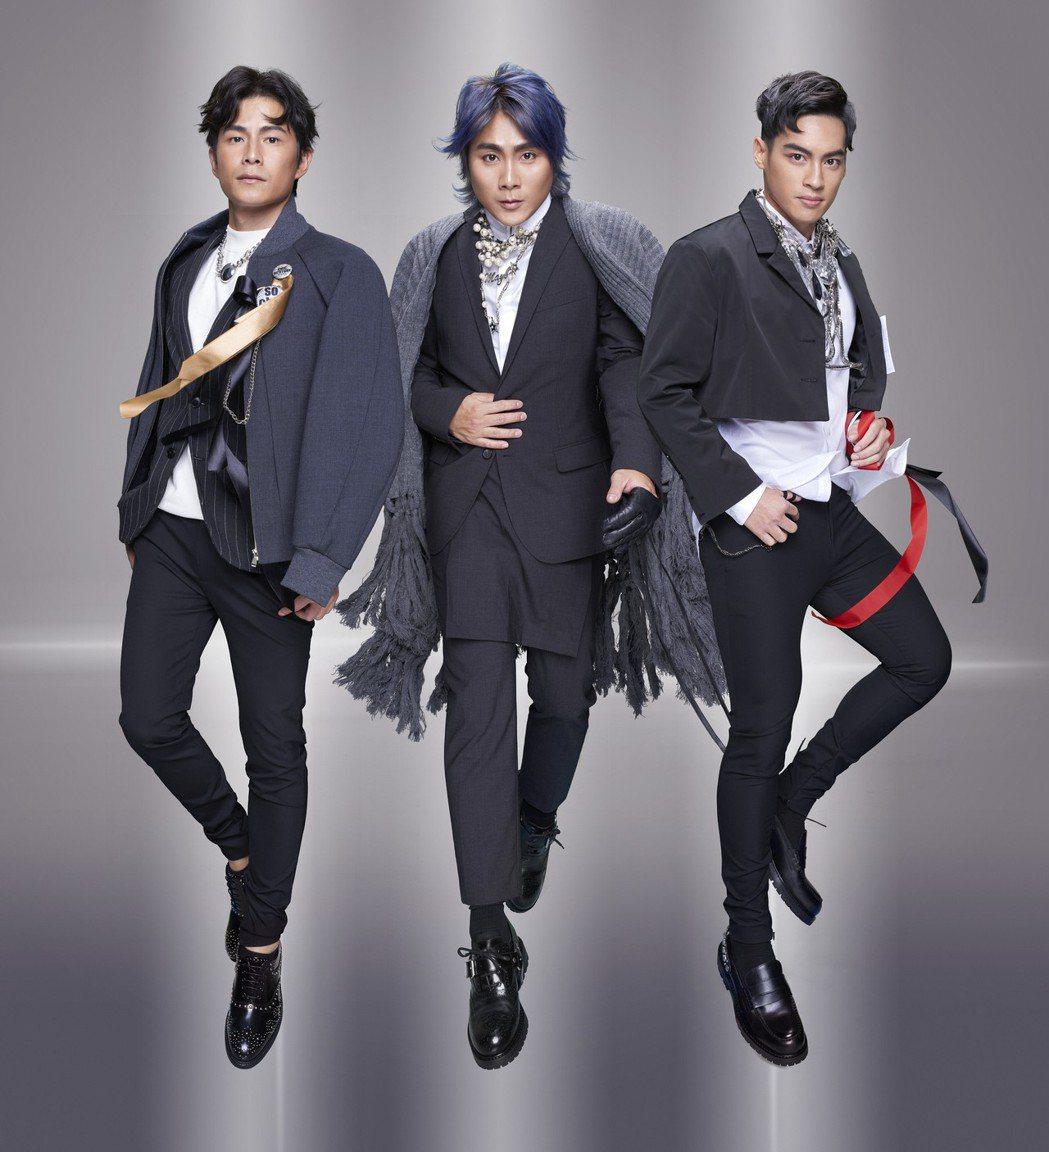 5566明年2月23日將在台北小巨蛋開唱。圖/星恆娛樂有限公司提供